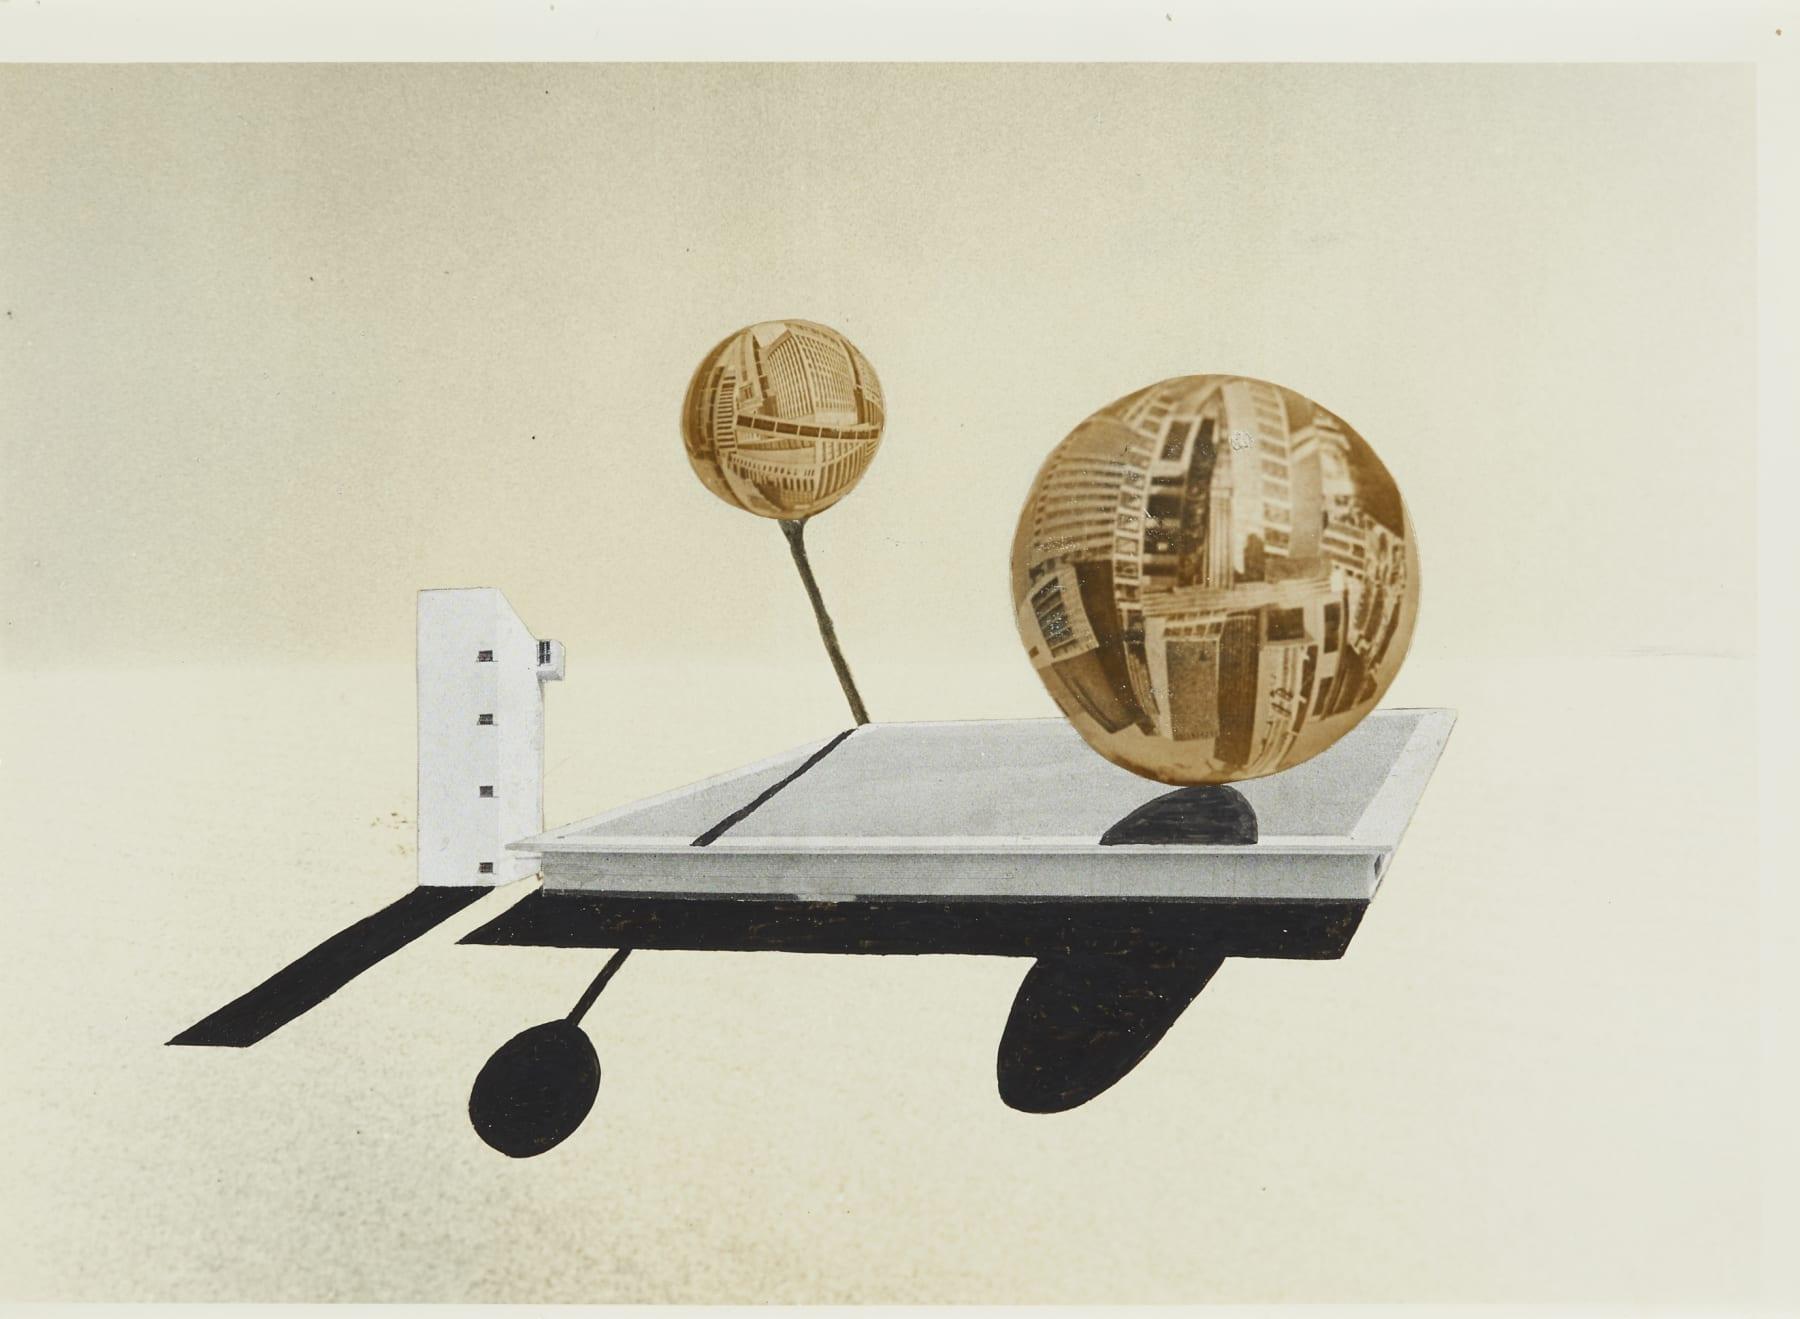 Kansuke Yamamoto, Floating City, 1950